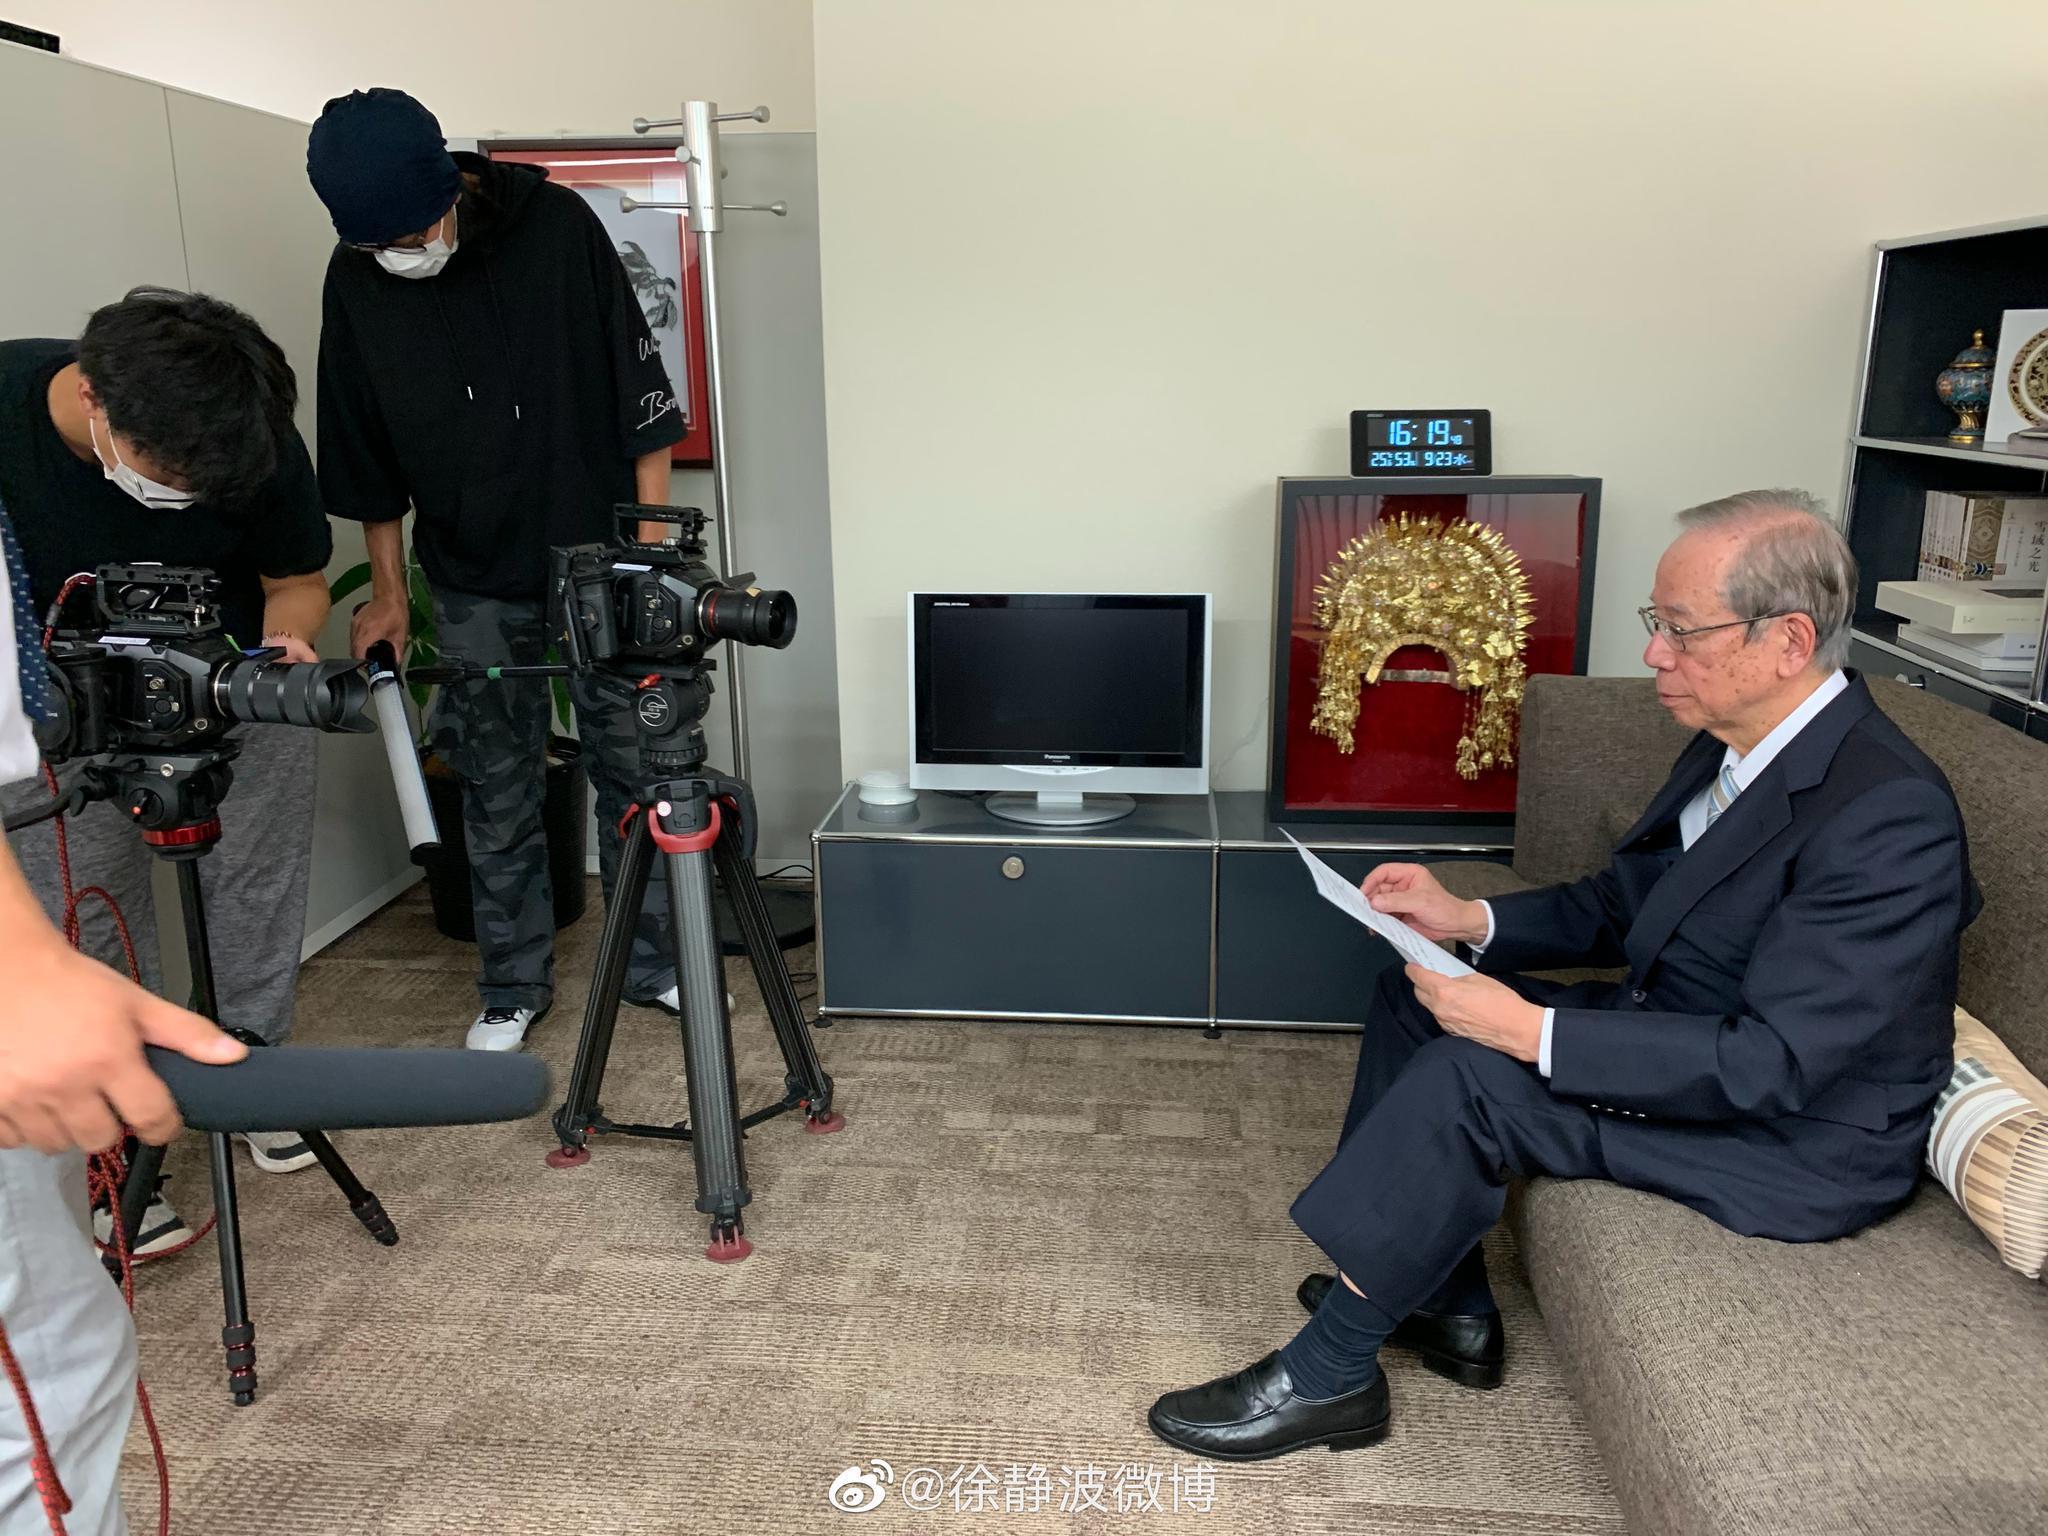 日本前首相福田康夫先生已经84岁……